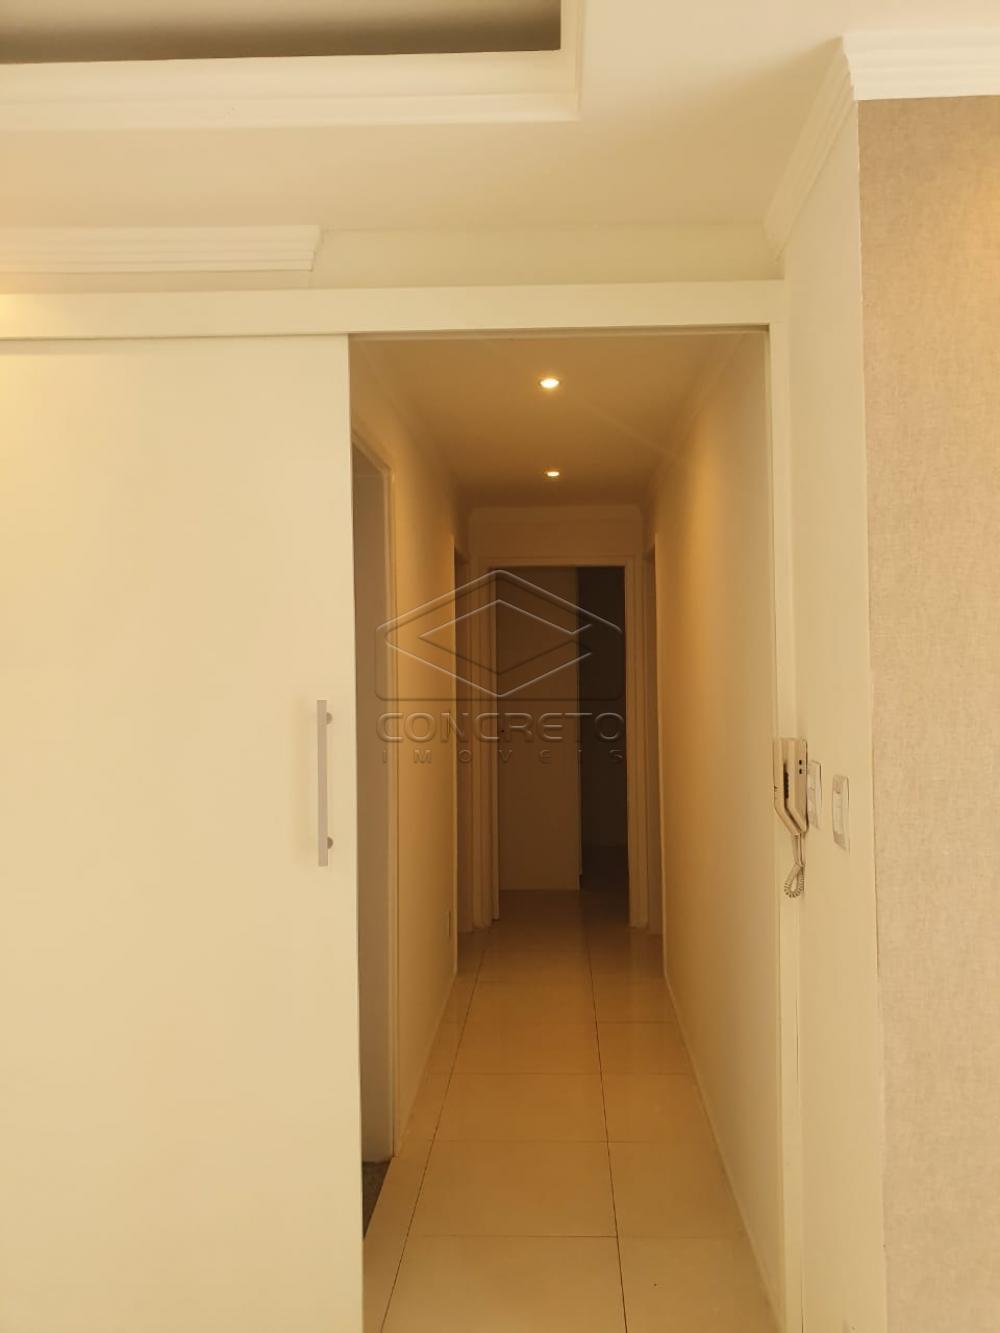 Comprar Apartamento / Padrão em Bauru apenas R$ 400.000,00 - Foto 8